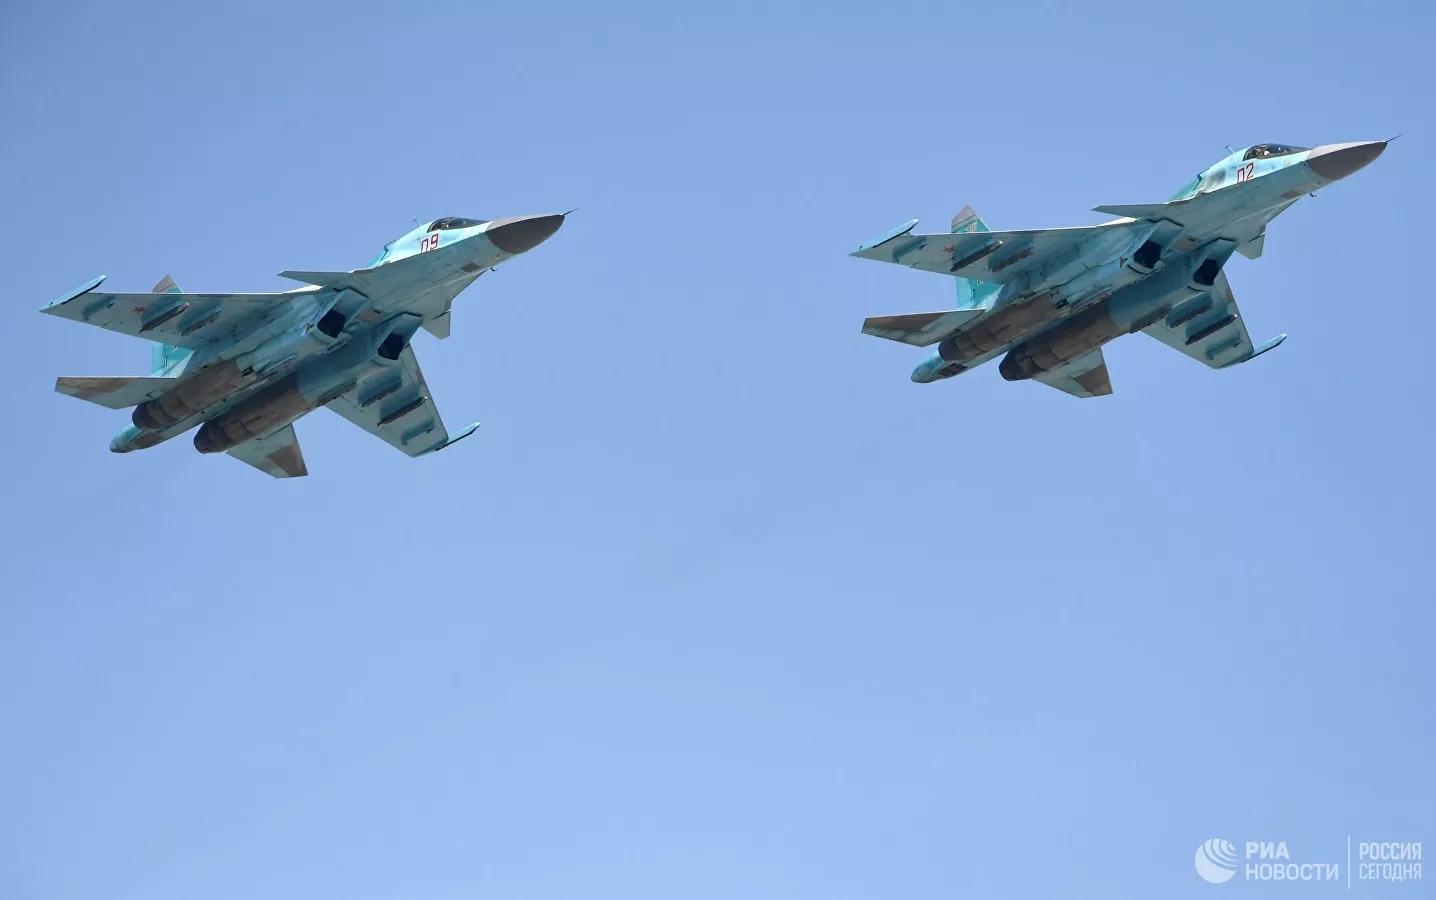 'Thú mỏ vịt' Su-34 trang bị thêm vũ khí, thay đổi chiến thuật hoạt động